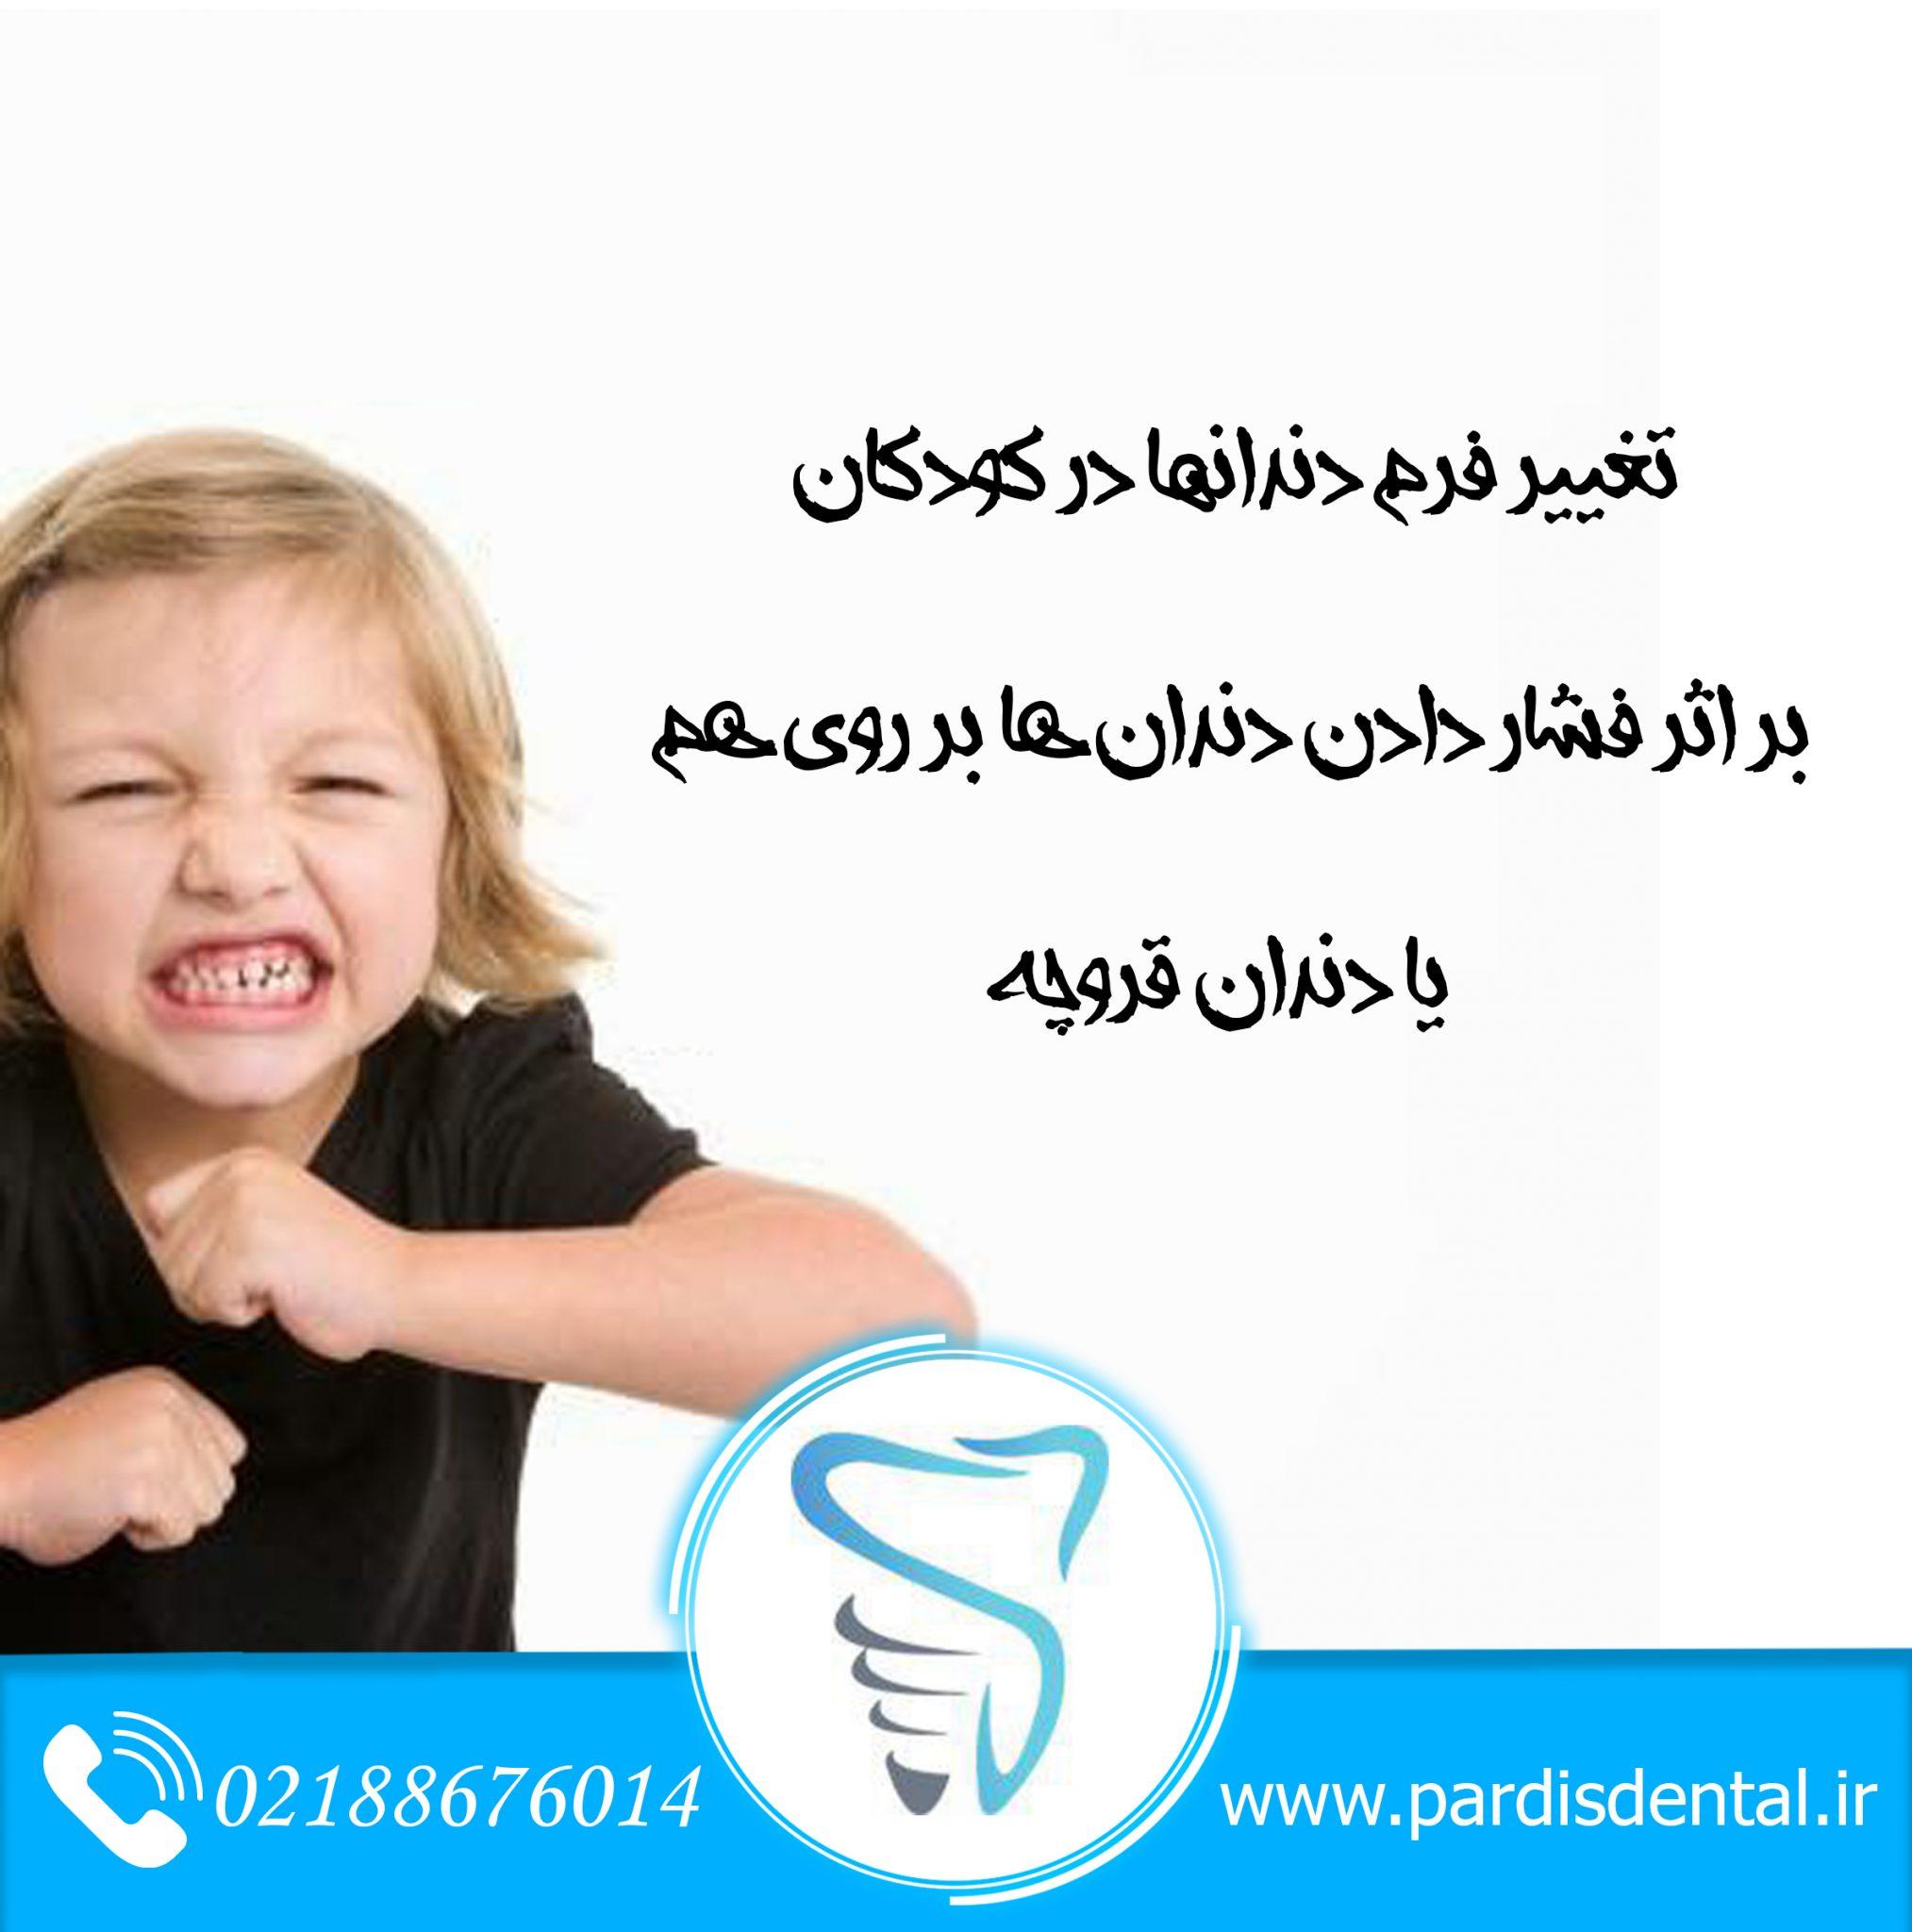 دندان قروچه و عادات غلط دهانی